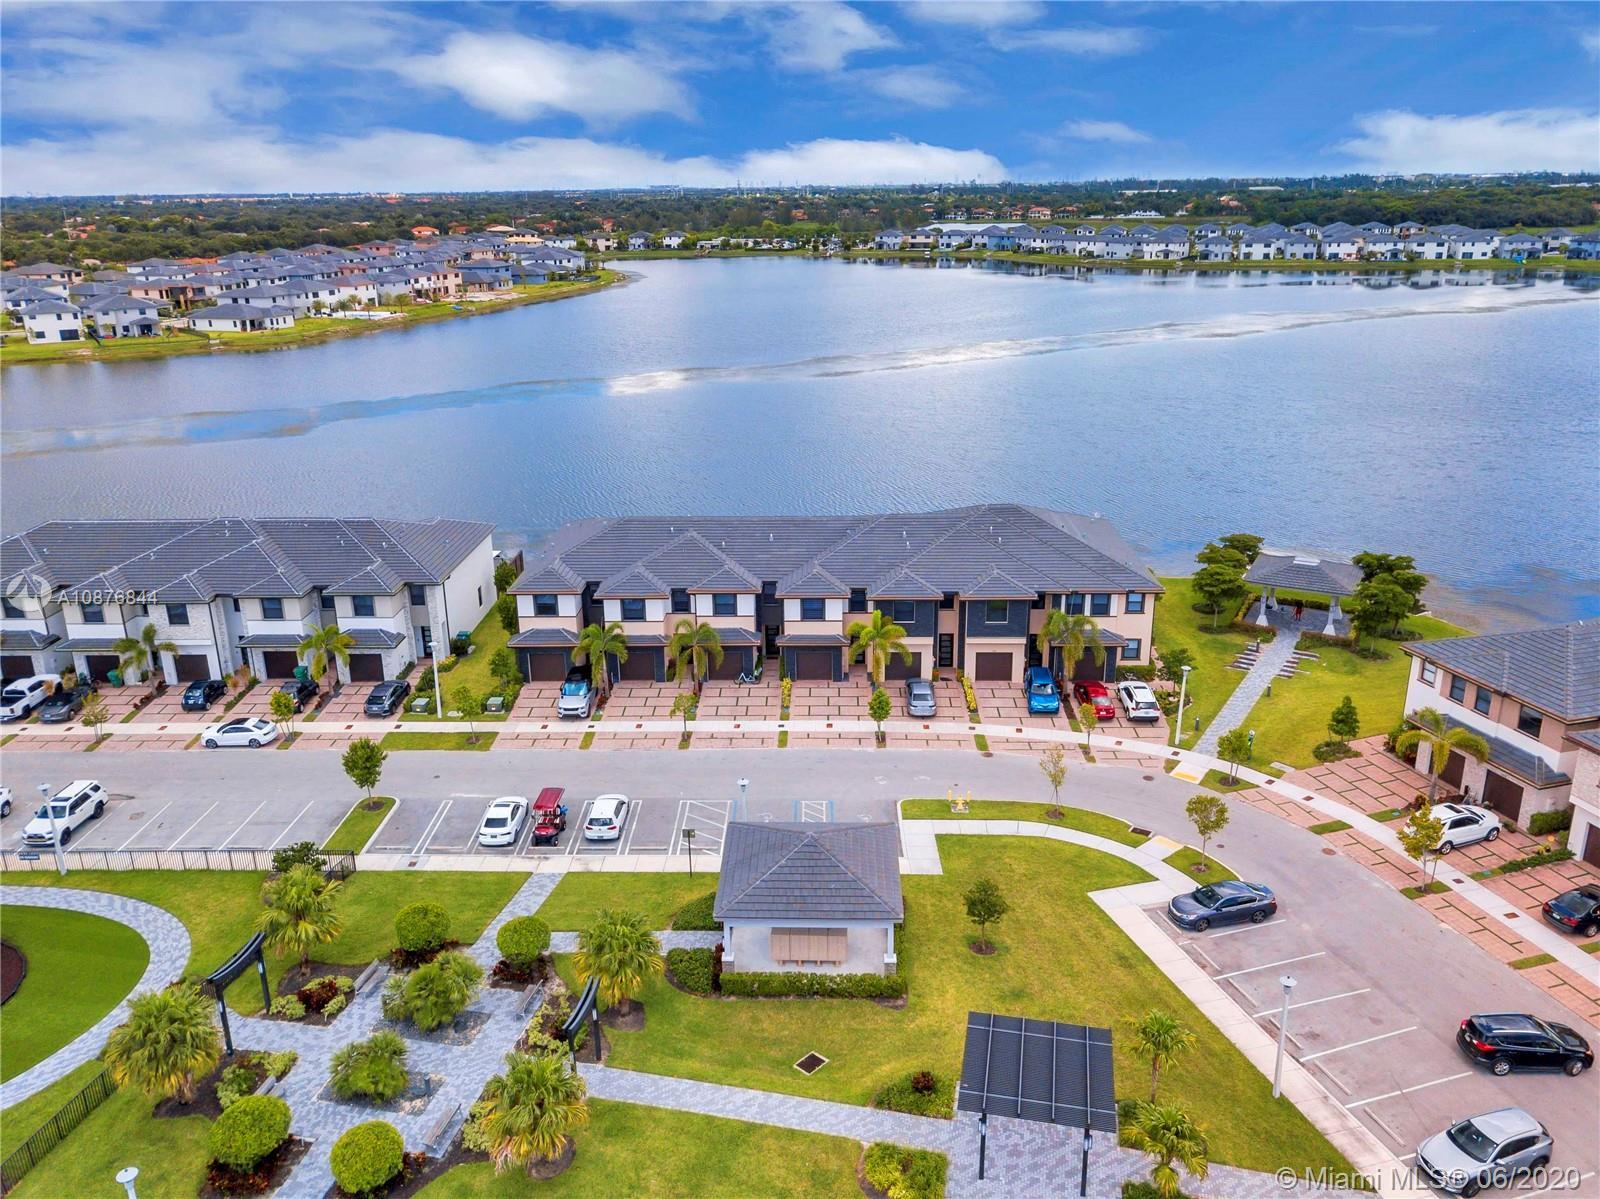 Miami Lakes #15839 - 41 - photo